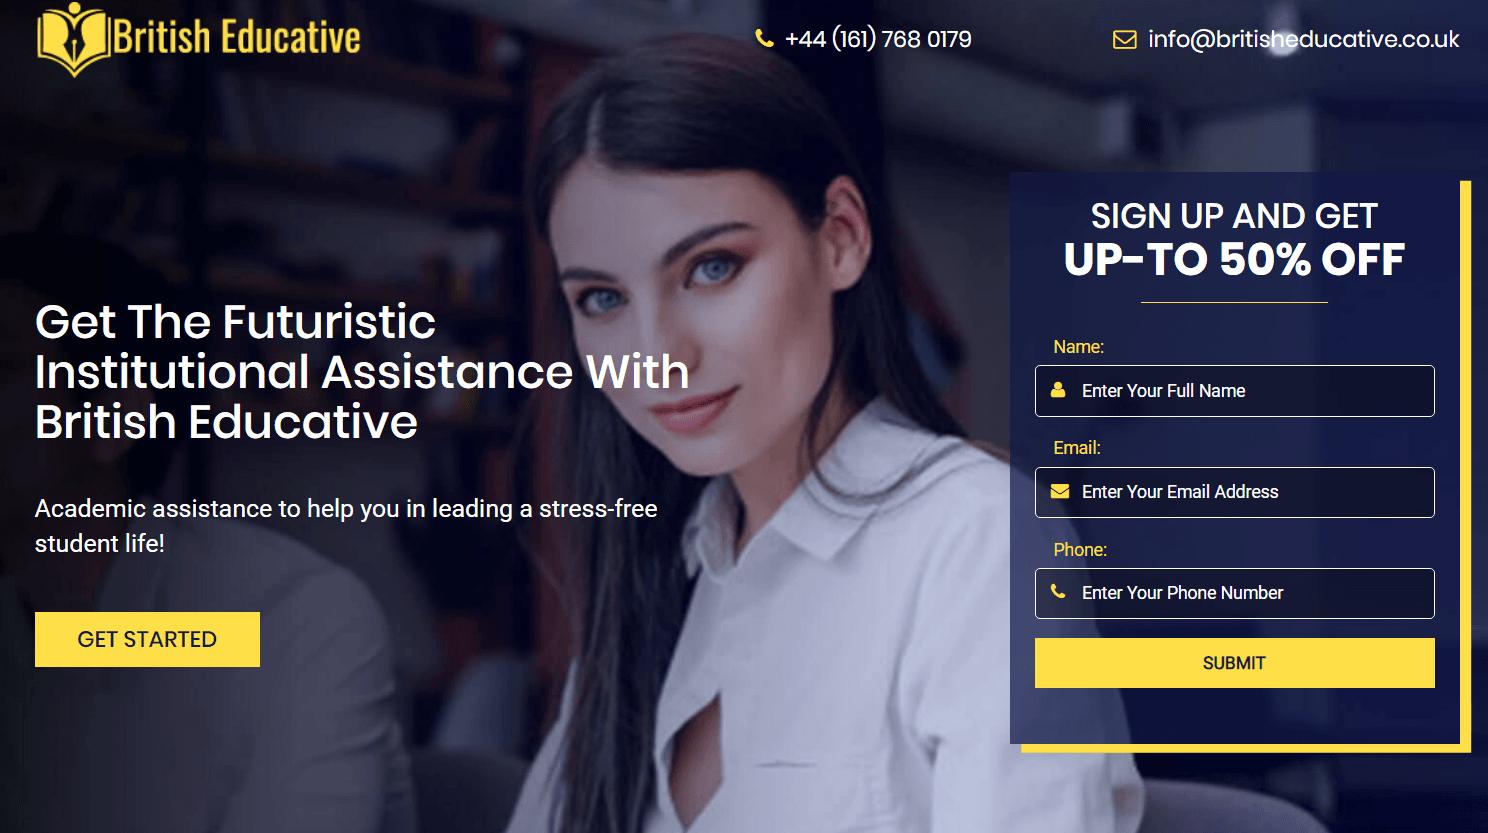 britisheducative.co.uk